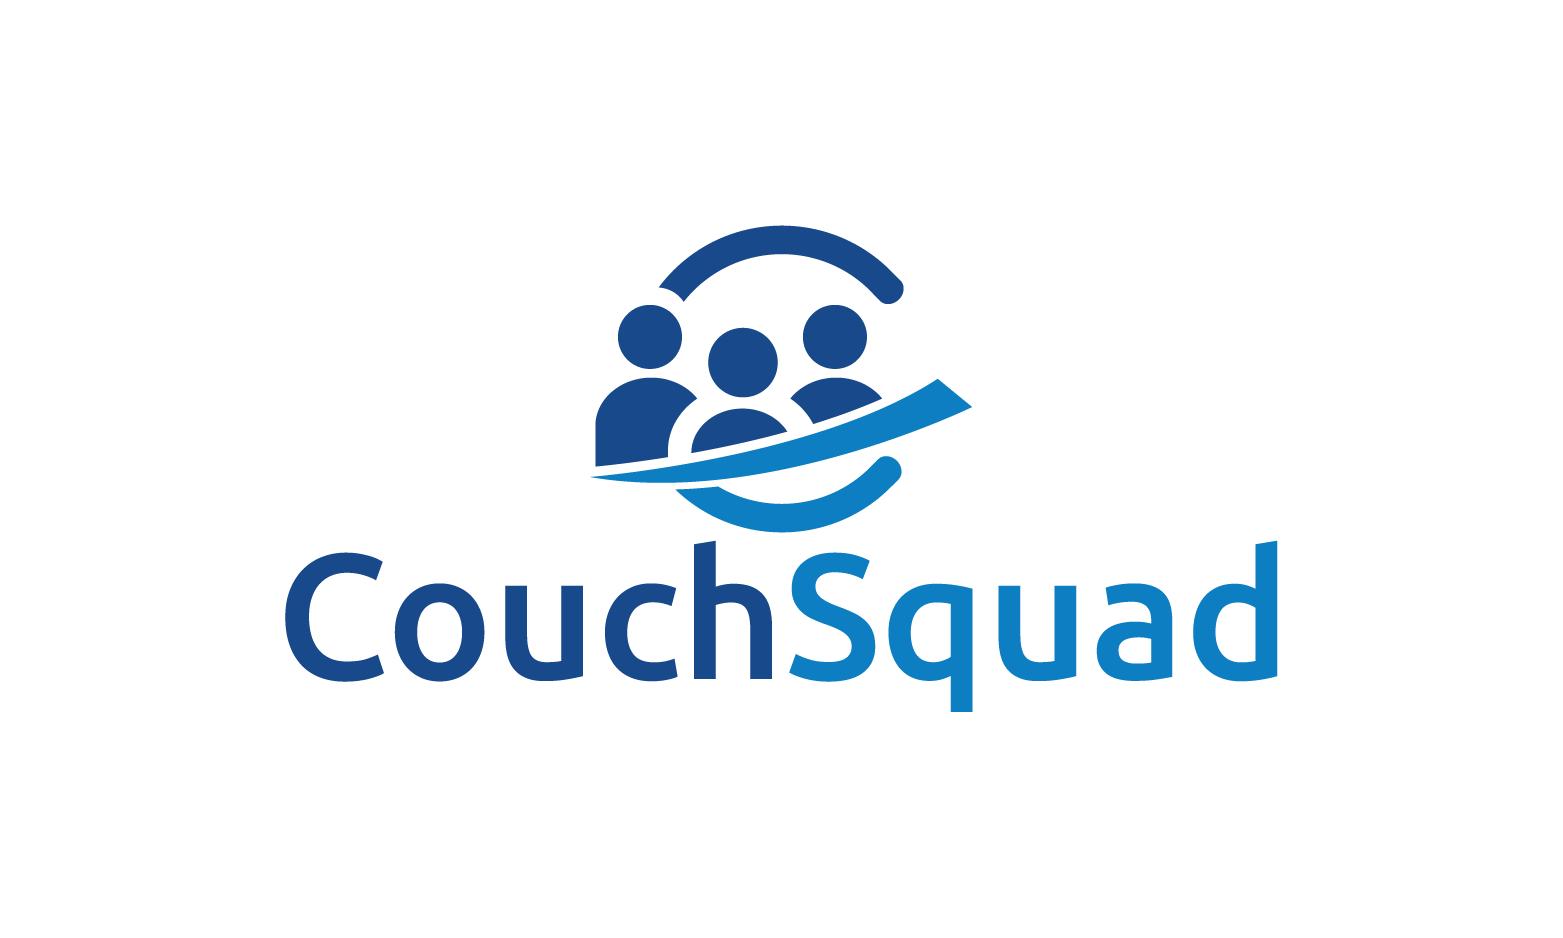 CouchSquad.com